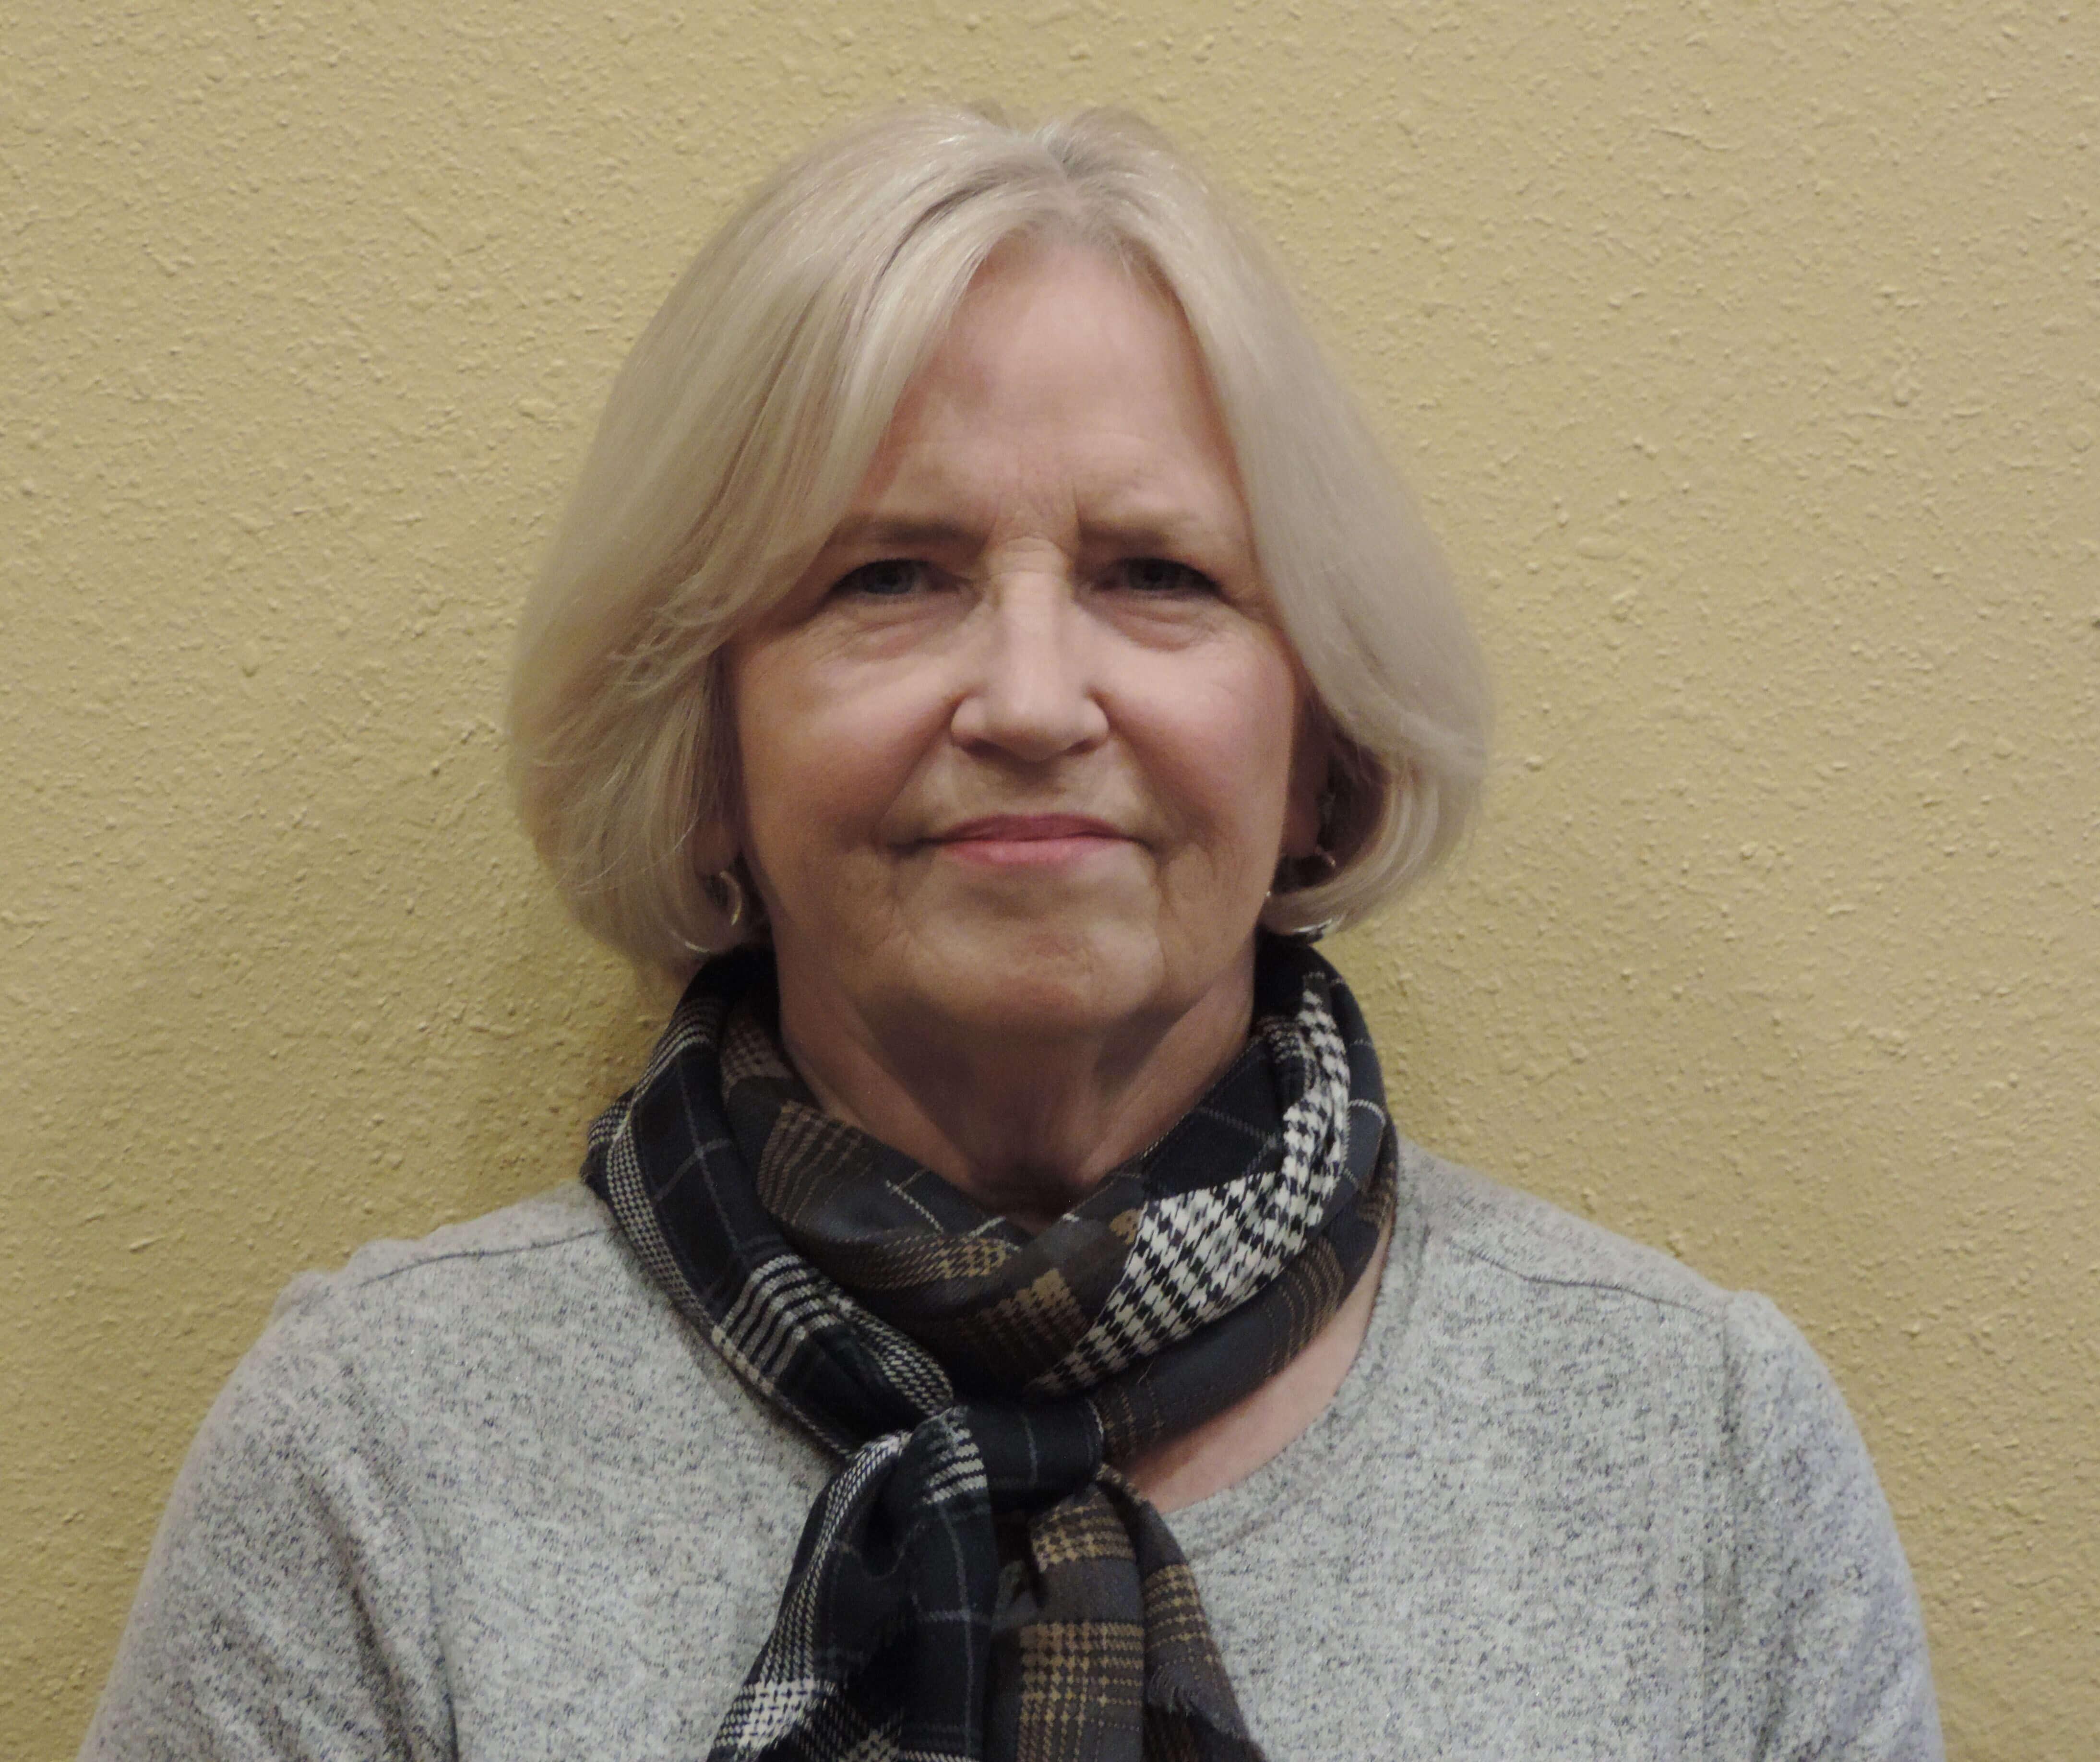 Karen Dunkel